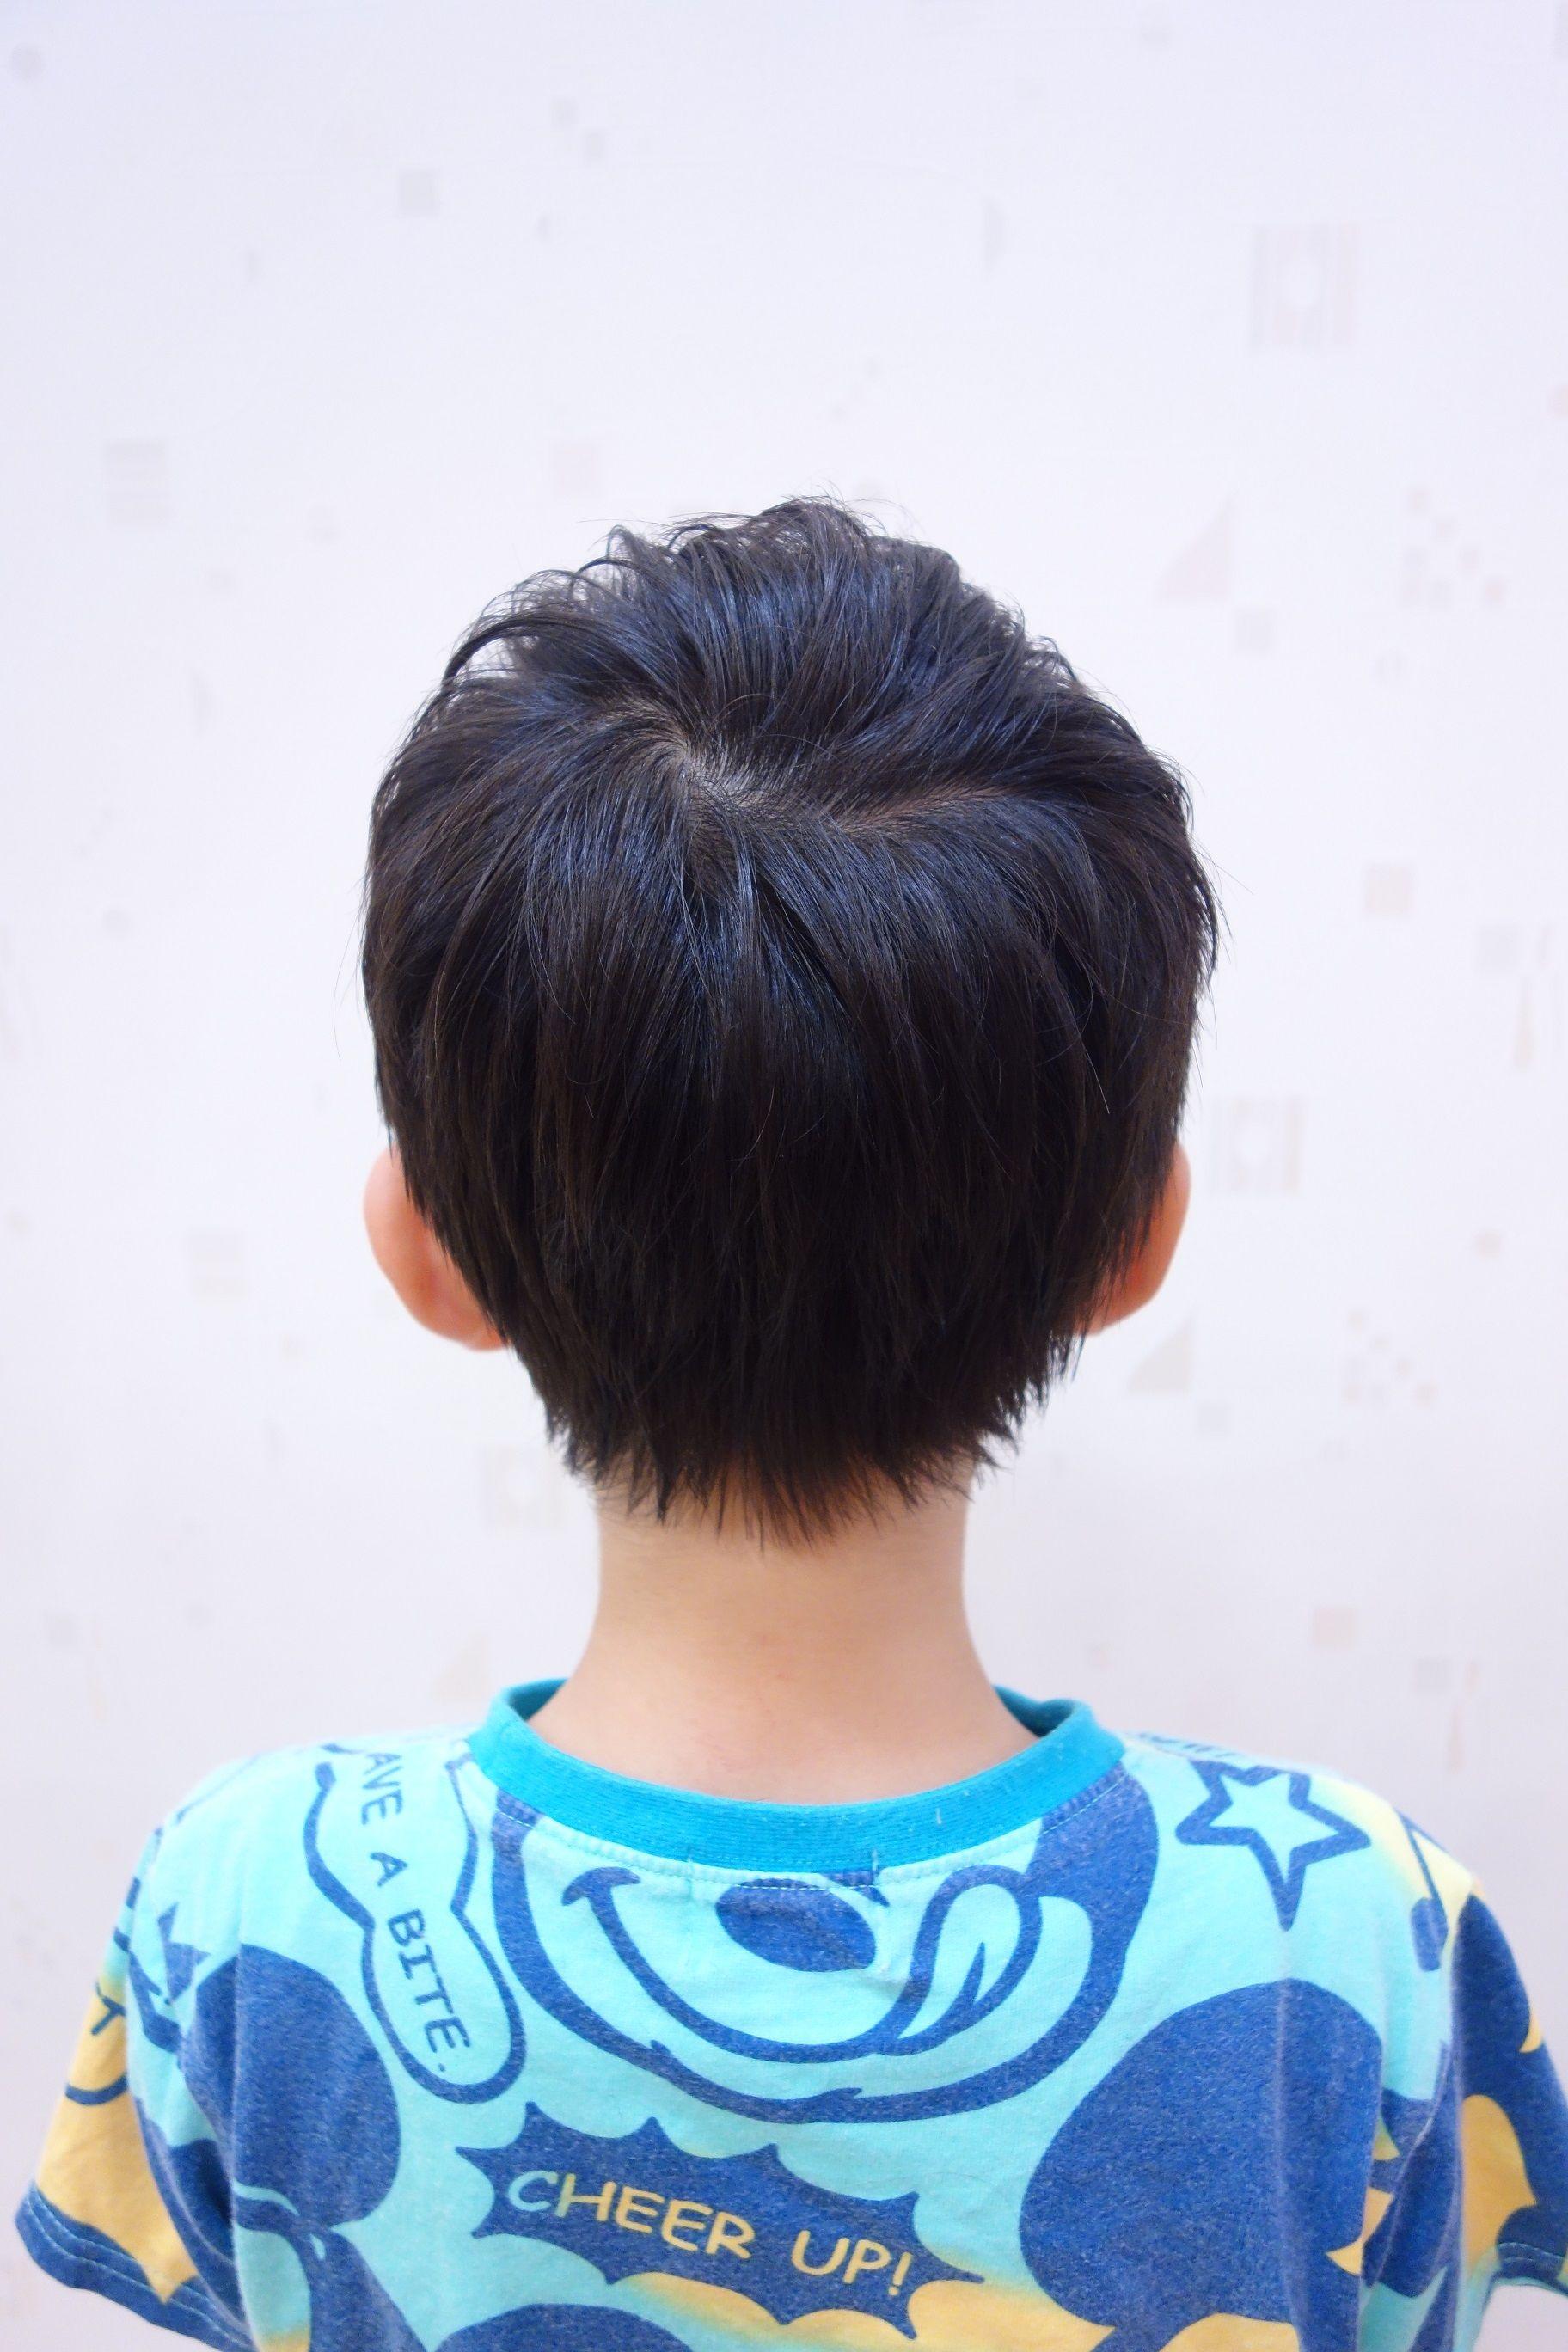 ボード 髪型 男の子 のピン